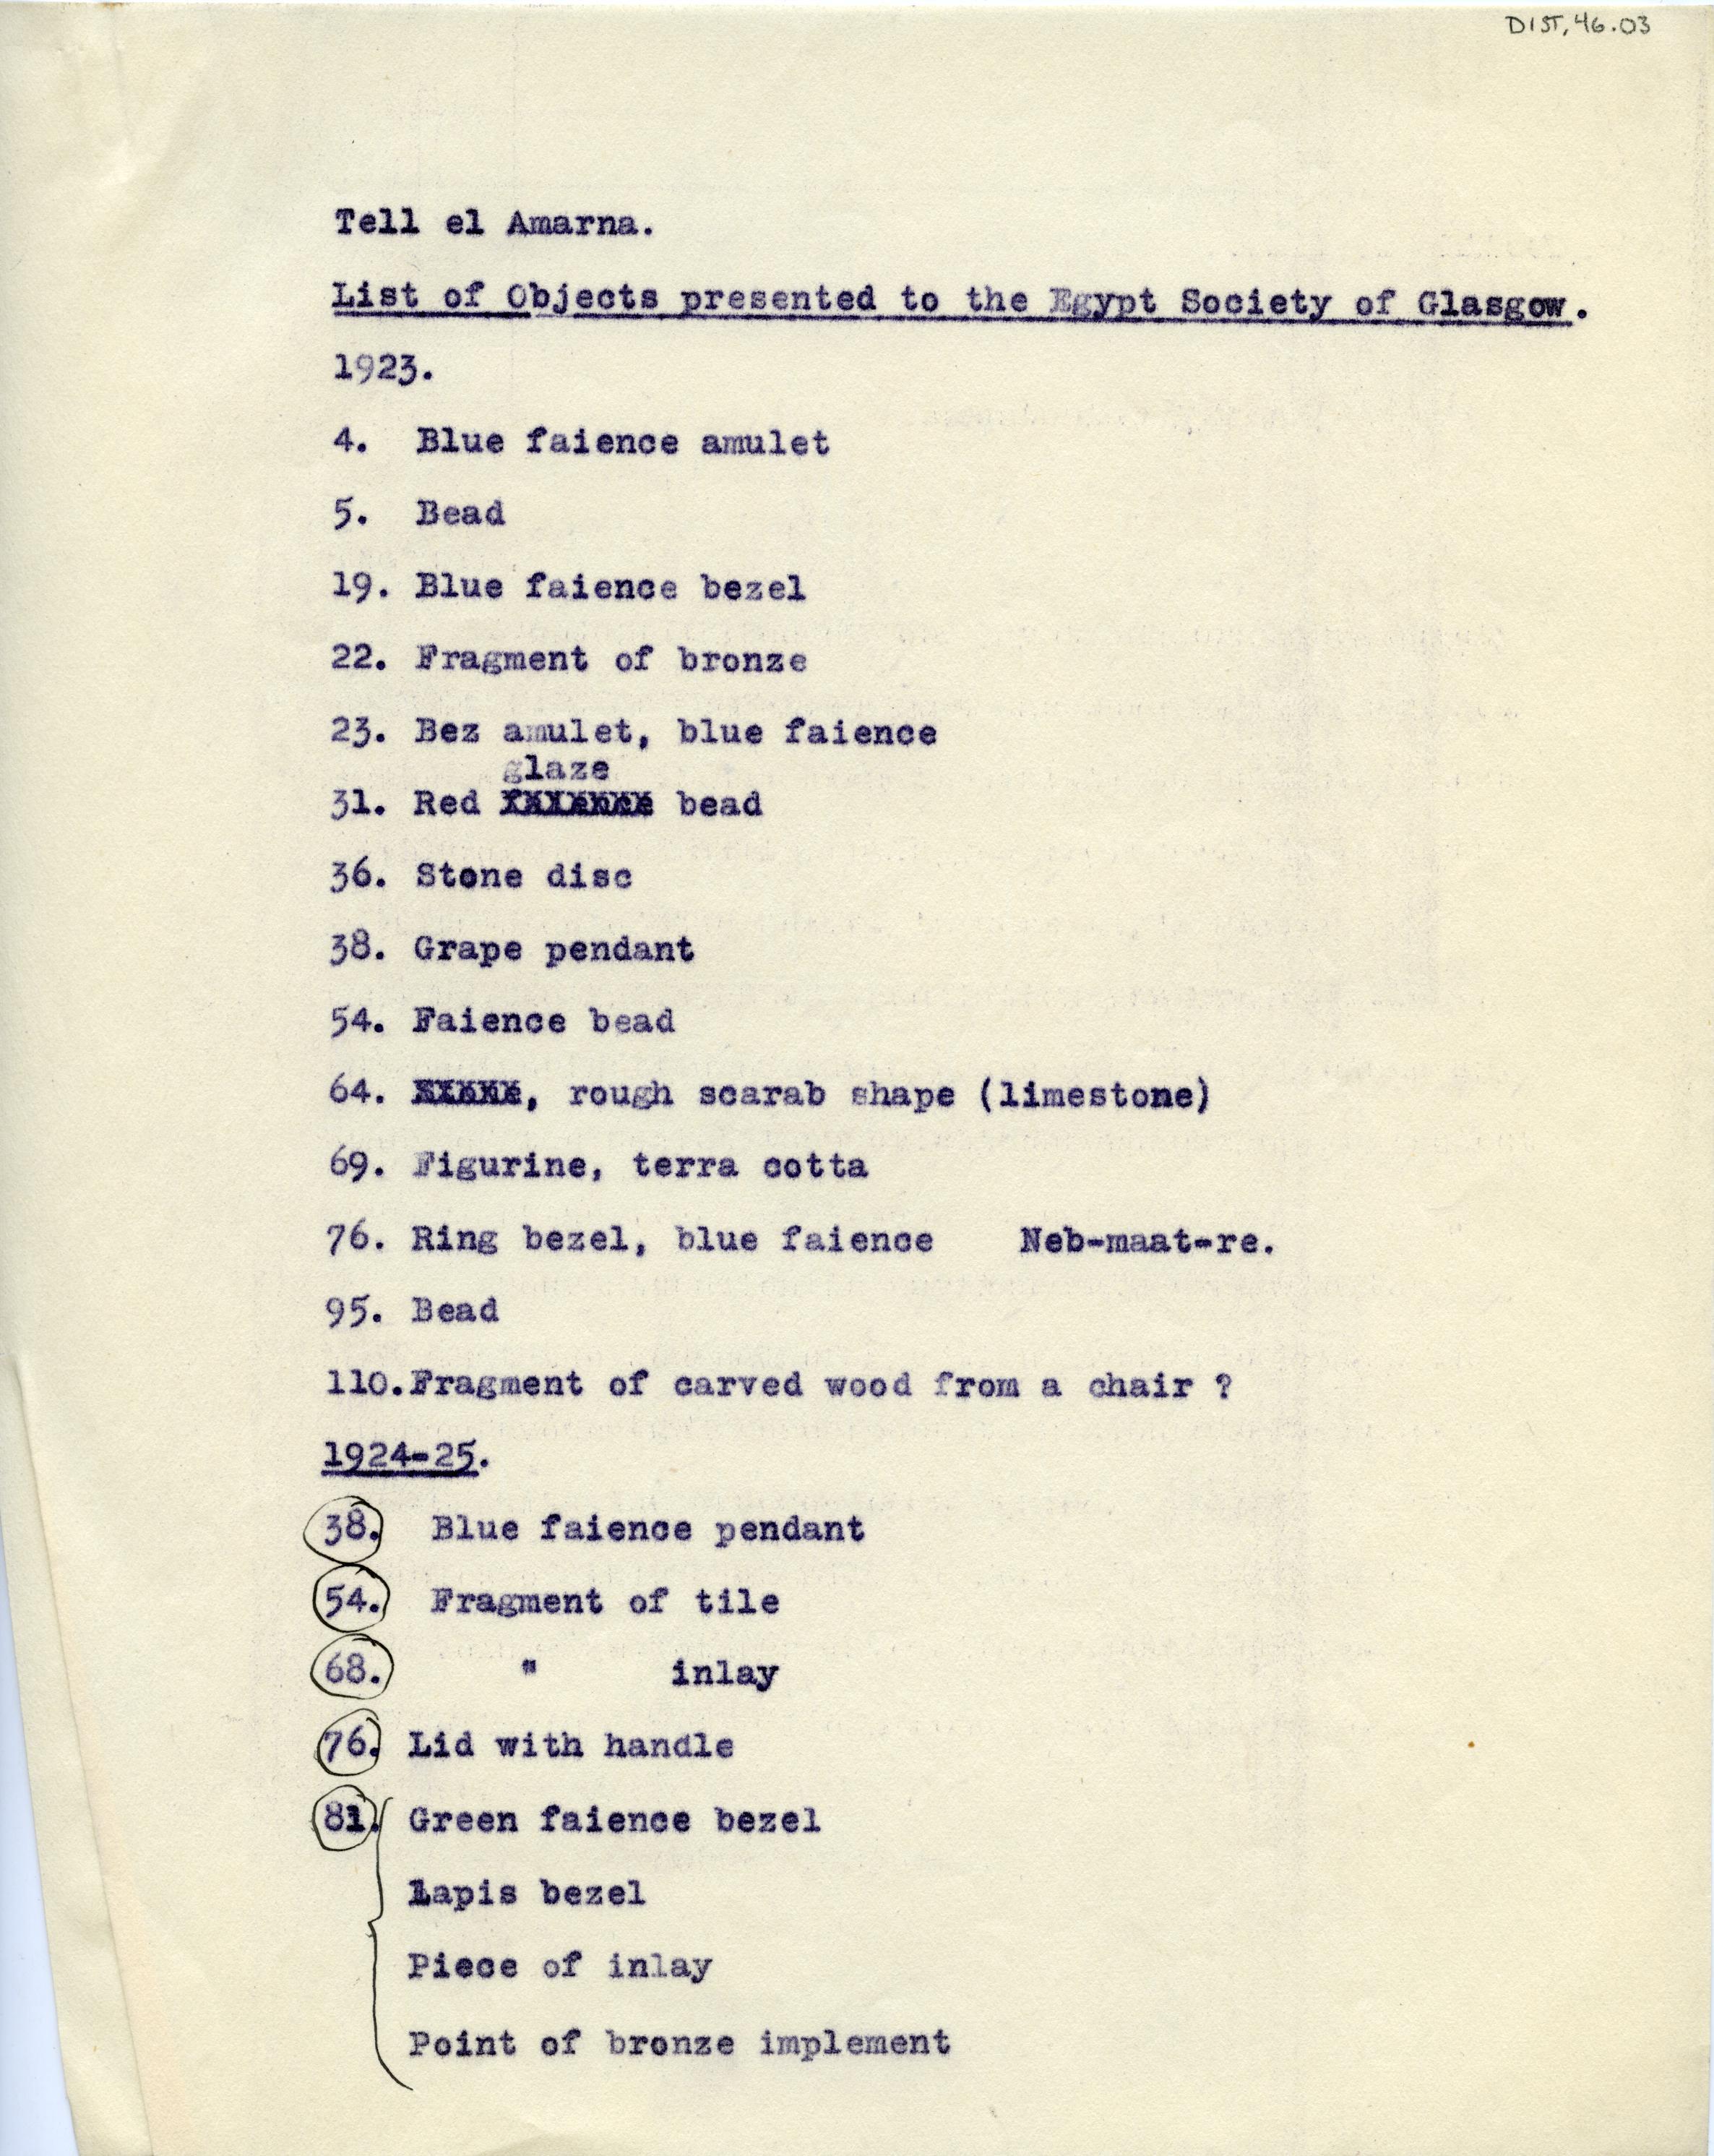 1921-25 el-Amarna DIST,46.03a